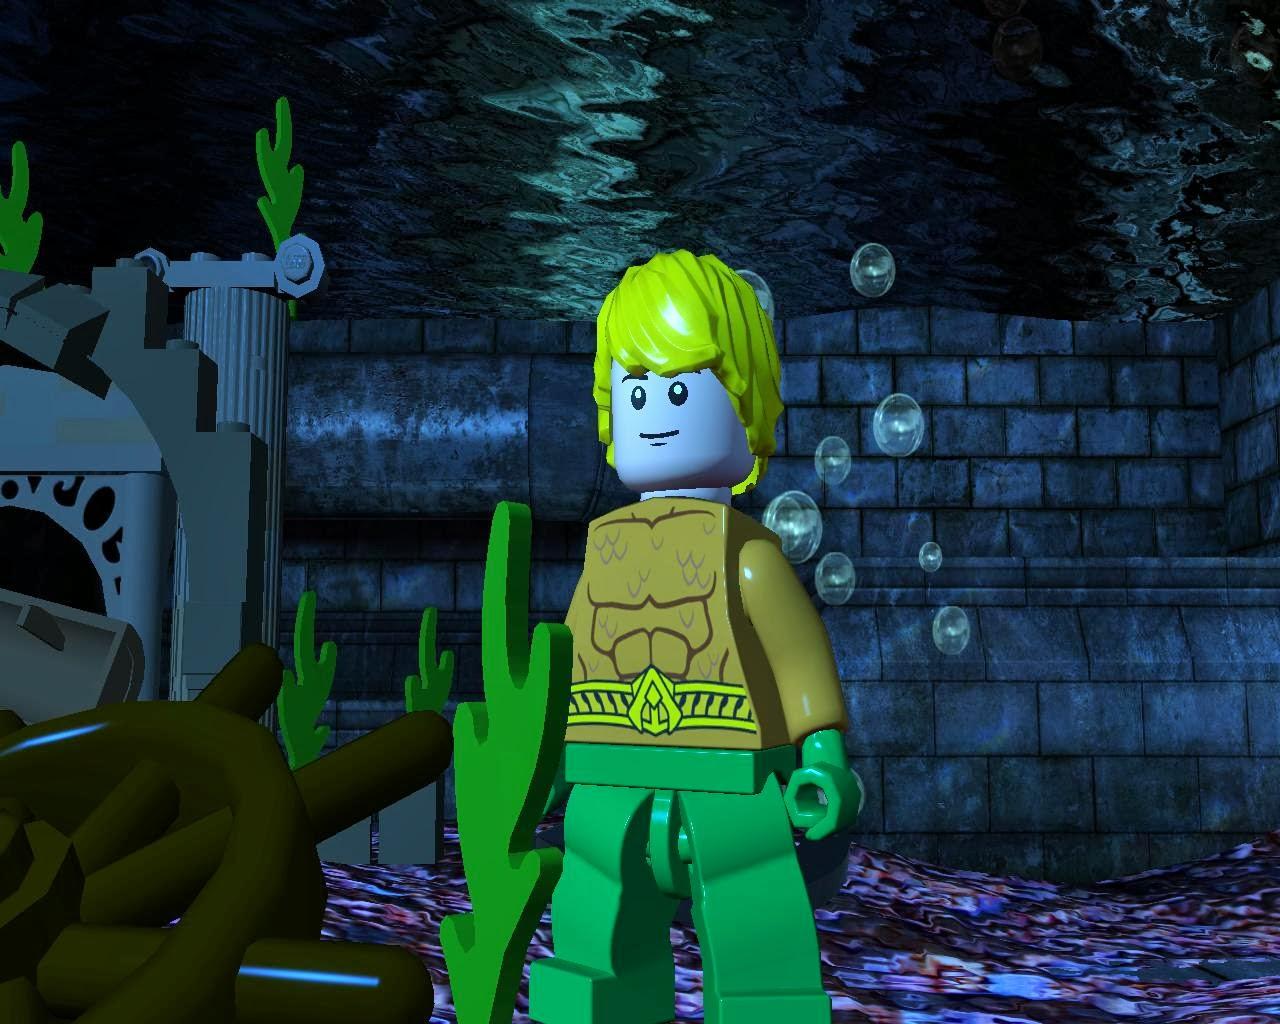 Lego Batman 2 DC Super Heroes Free Download - Ocean of Games